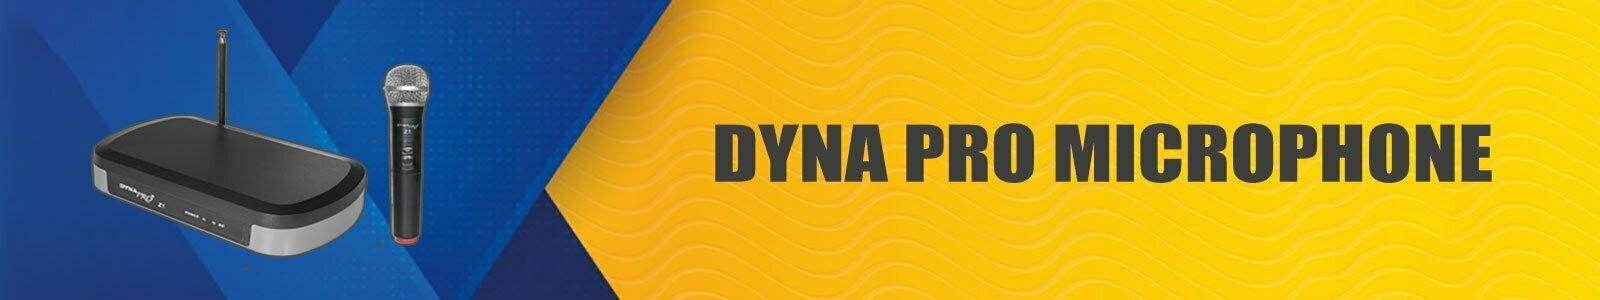 dyna-pro-mic